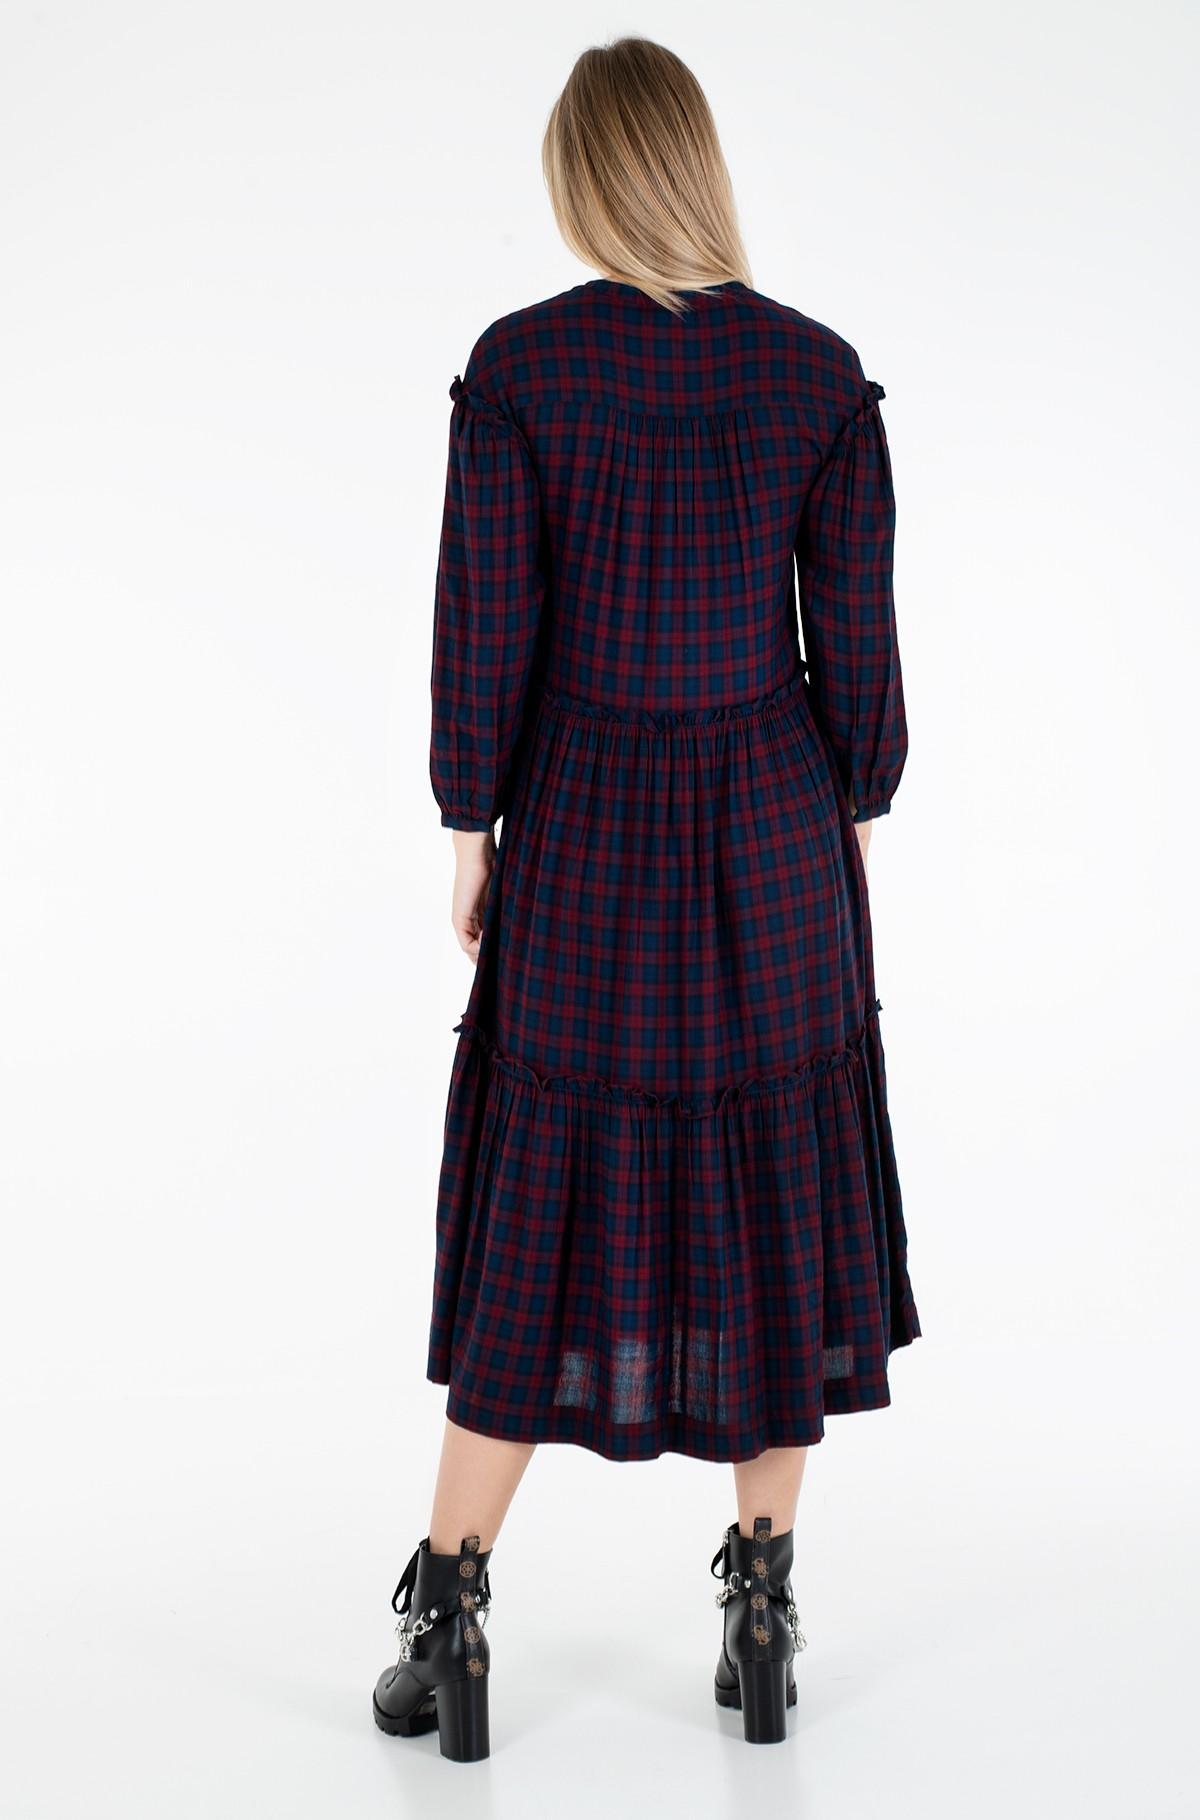 Suknelė BEA TARTAN SHIRT DRESS 3/4 SLV-full-3